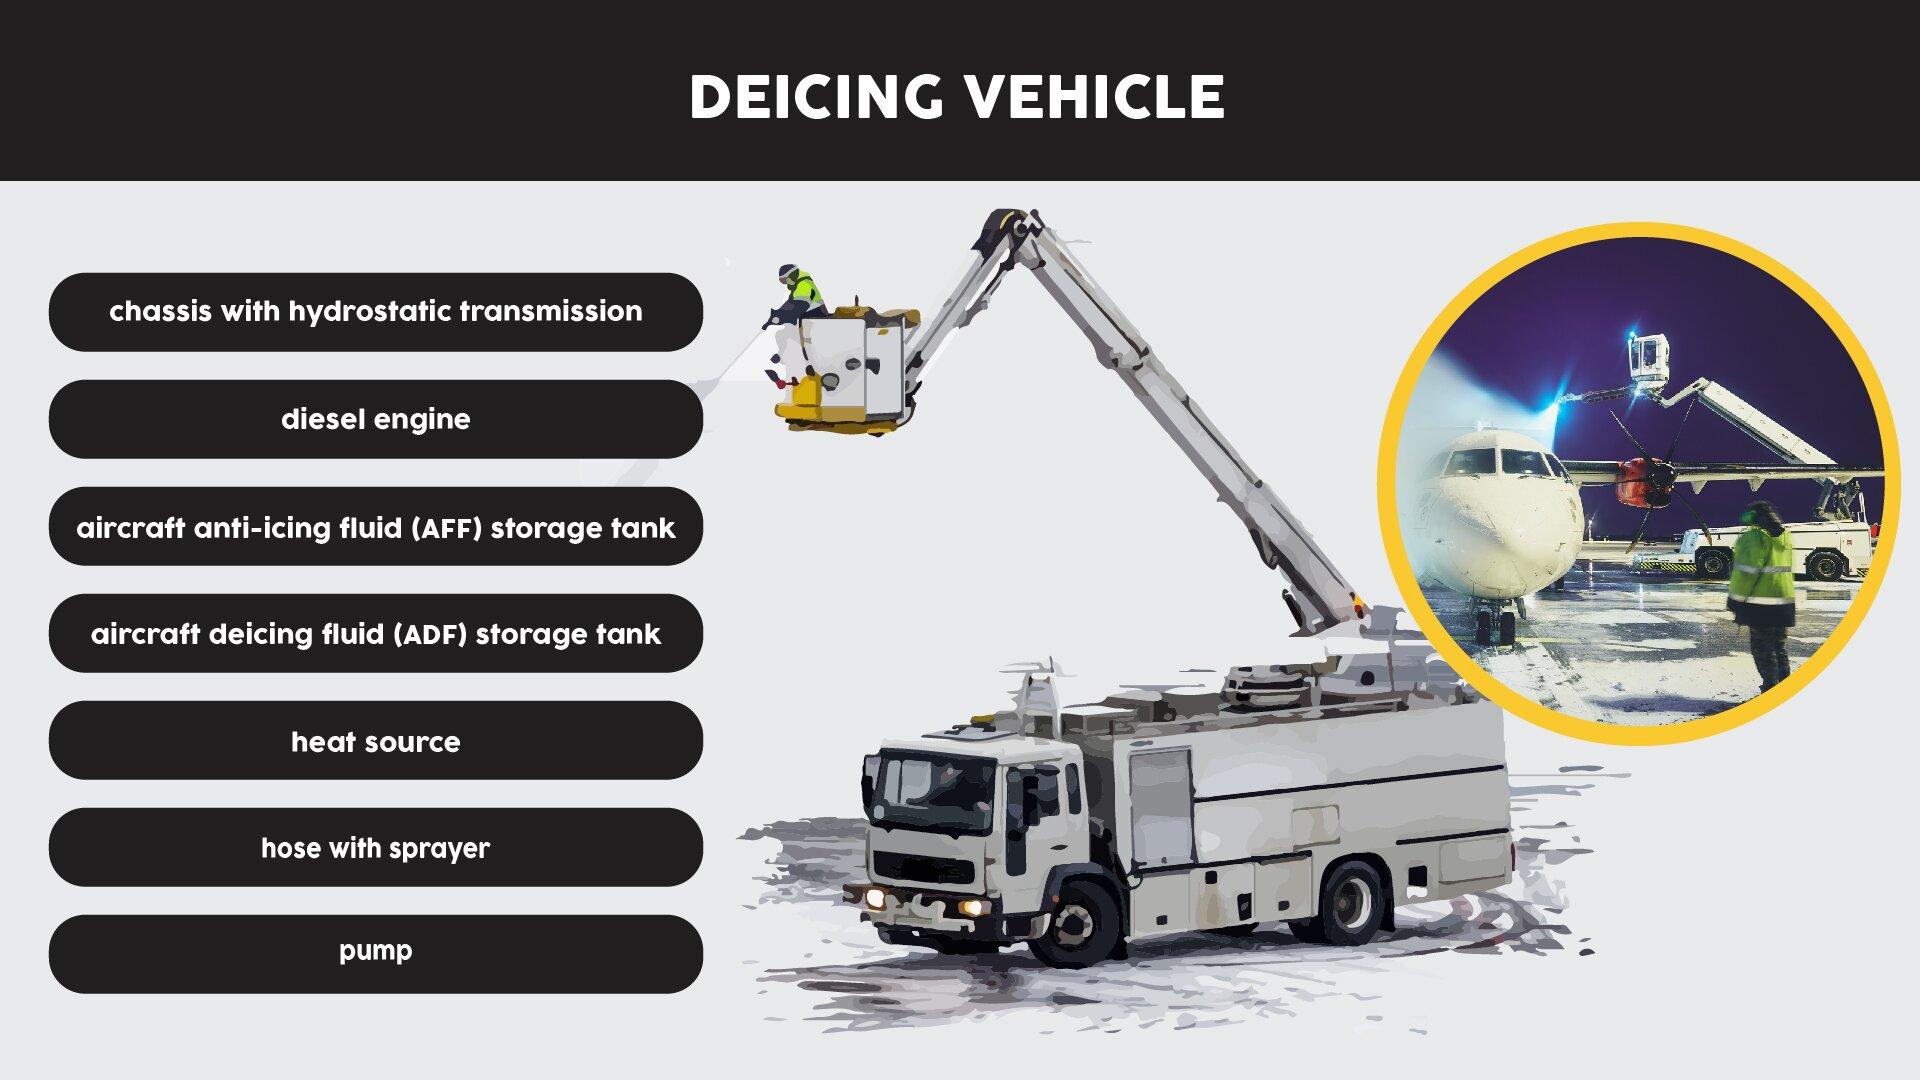 The image presents adeicing vehicle designed for airplane servicing. Grafika przedstawia odladzarkę zaprojektowaną do obsługi samolotów.